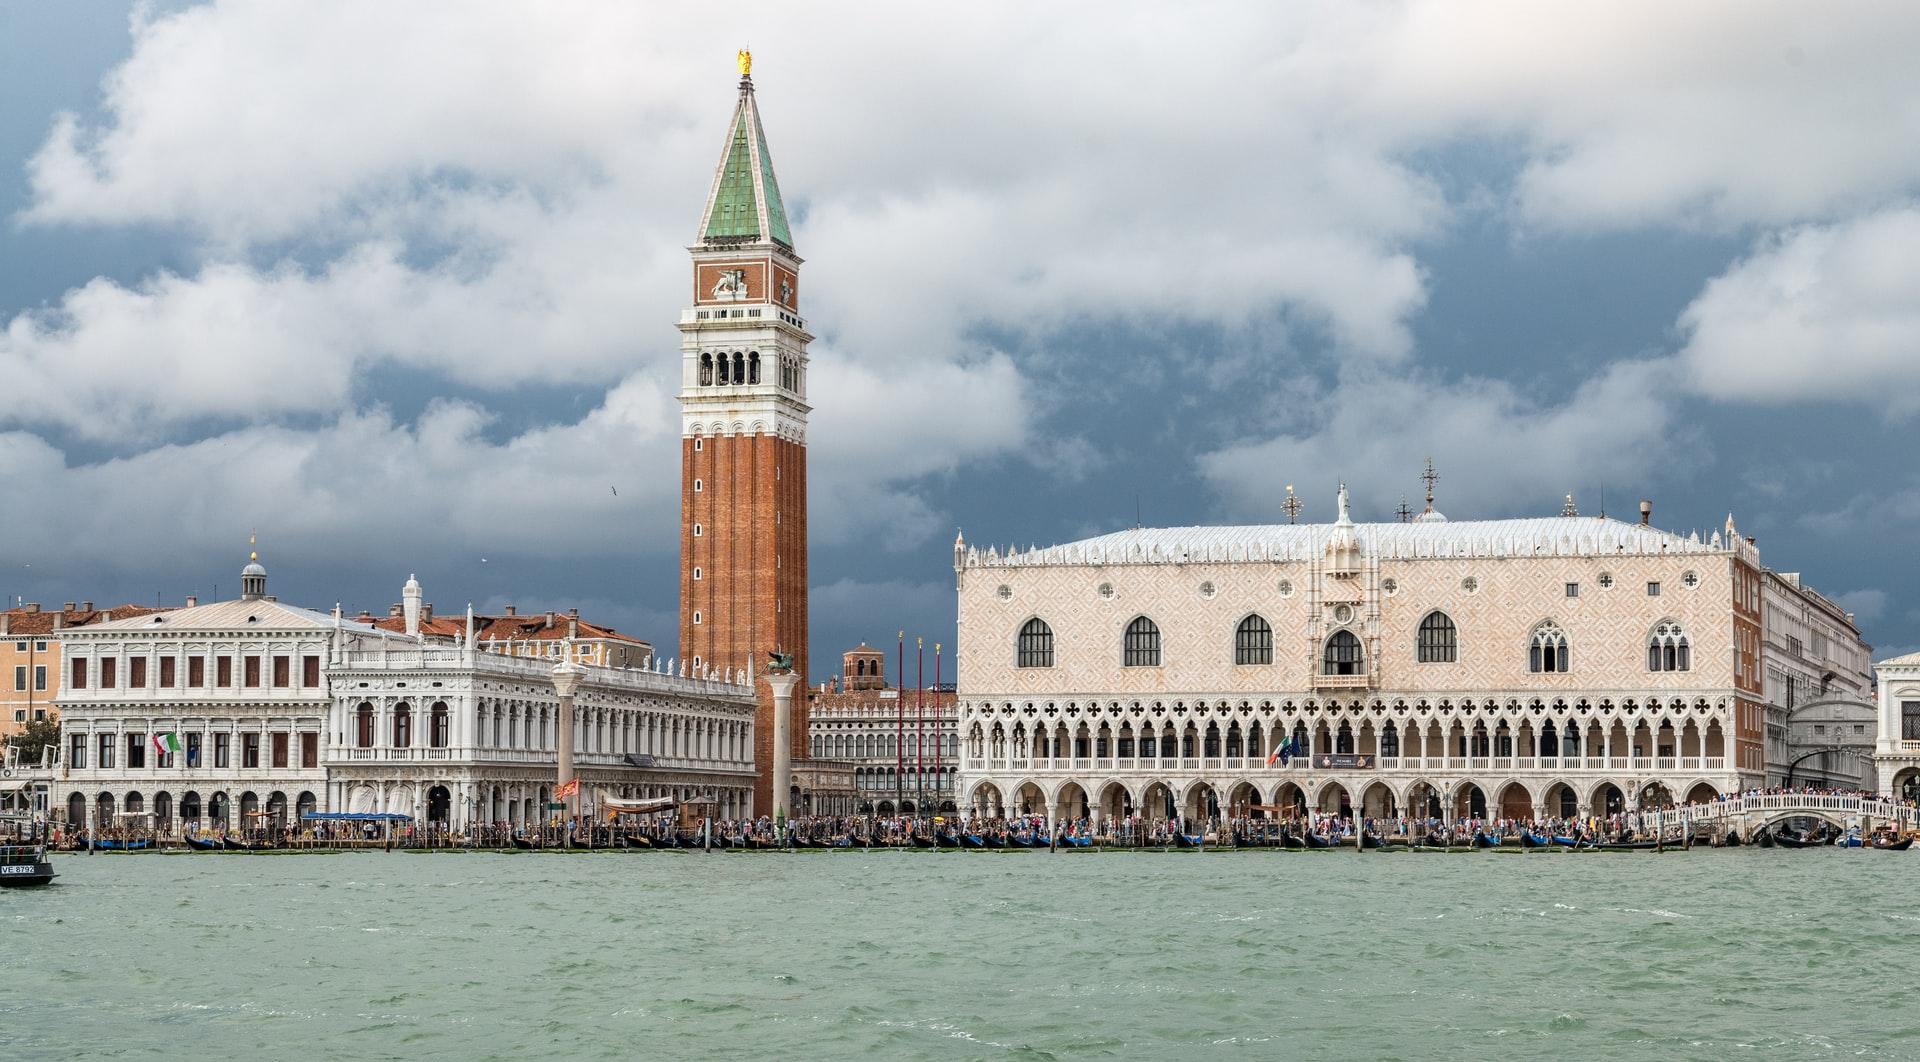 Photographie couleur de la ville de Venise